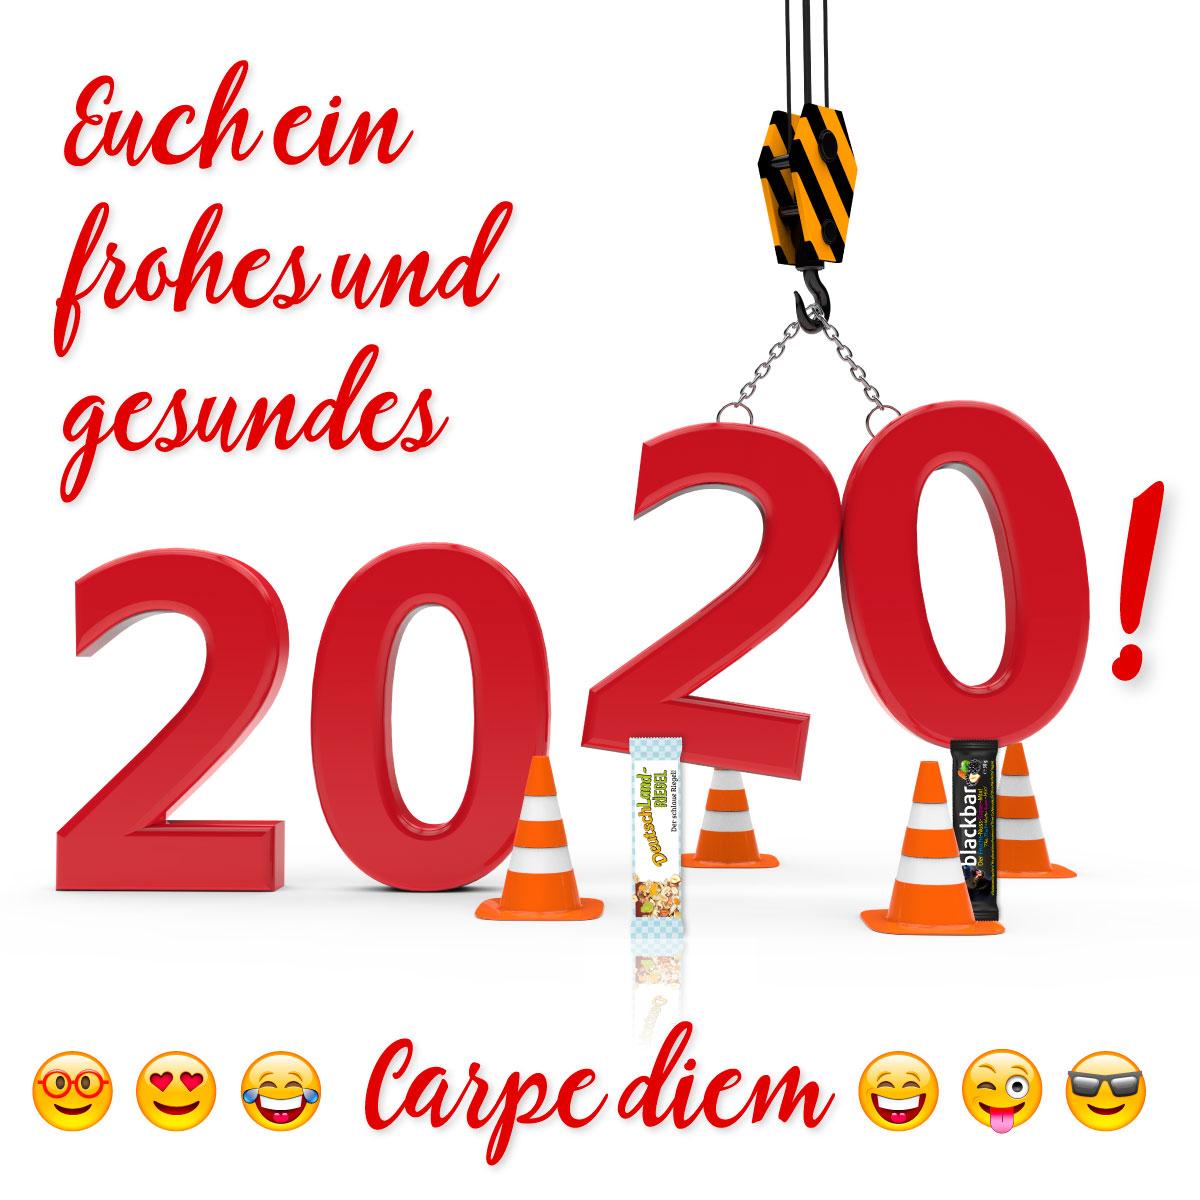 Euch ein frohes und gesundes 2020! Carpe diem!